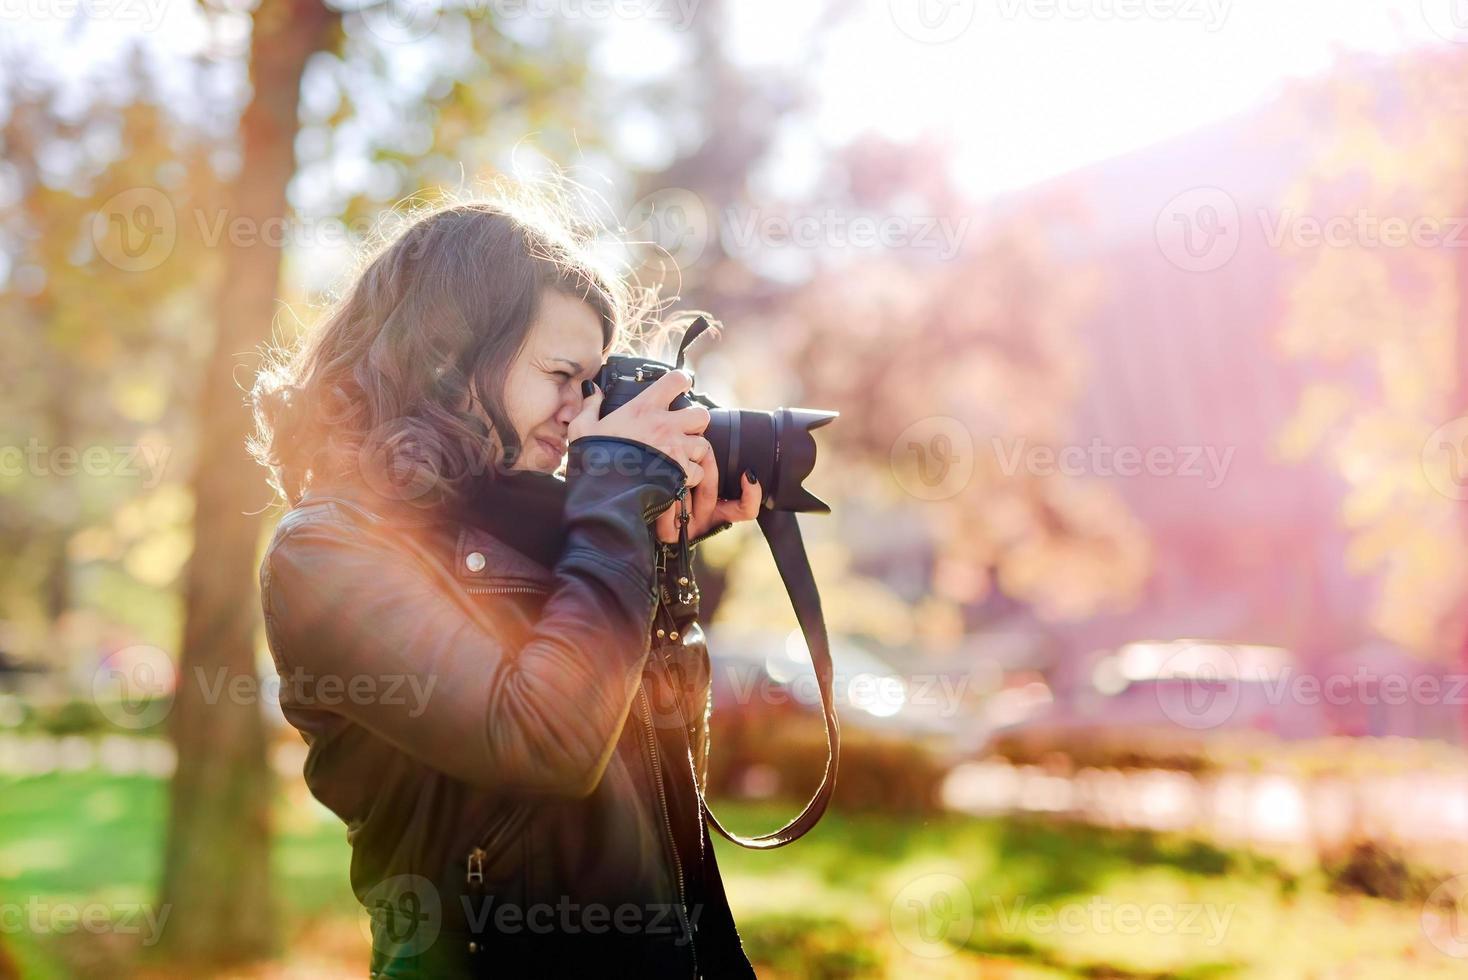 professionelle Fotografin, die Porträts im Freien macht foto